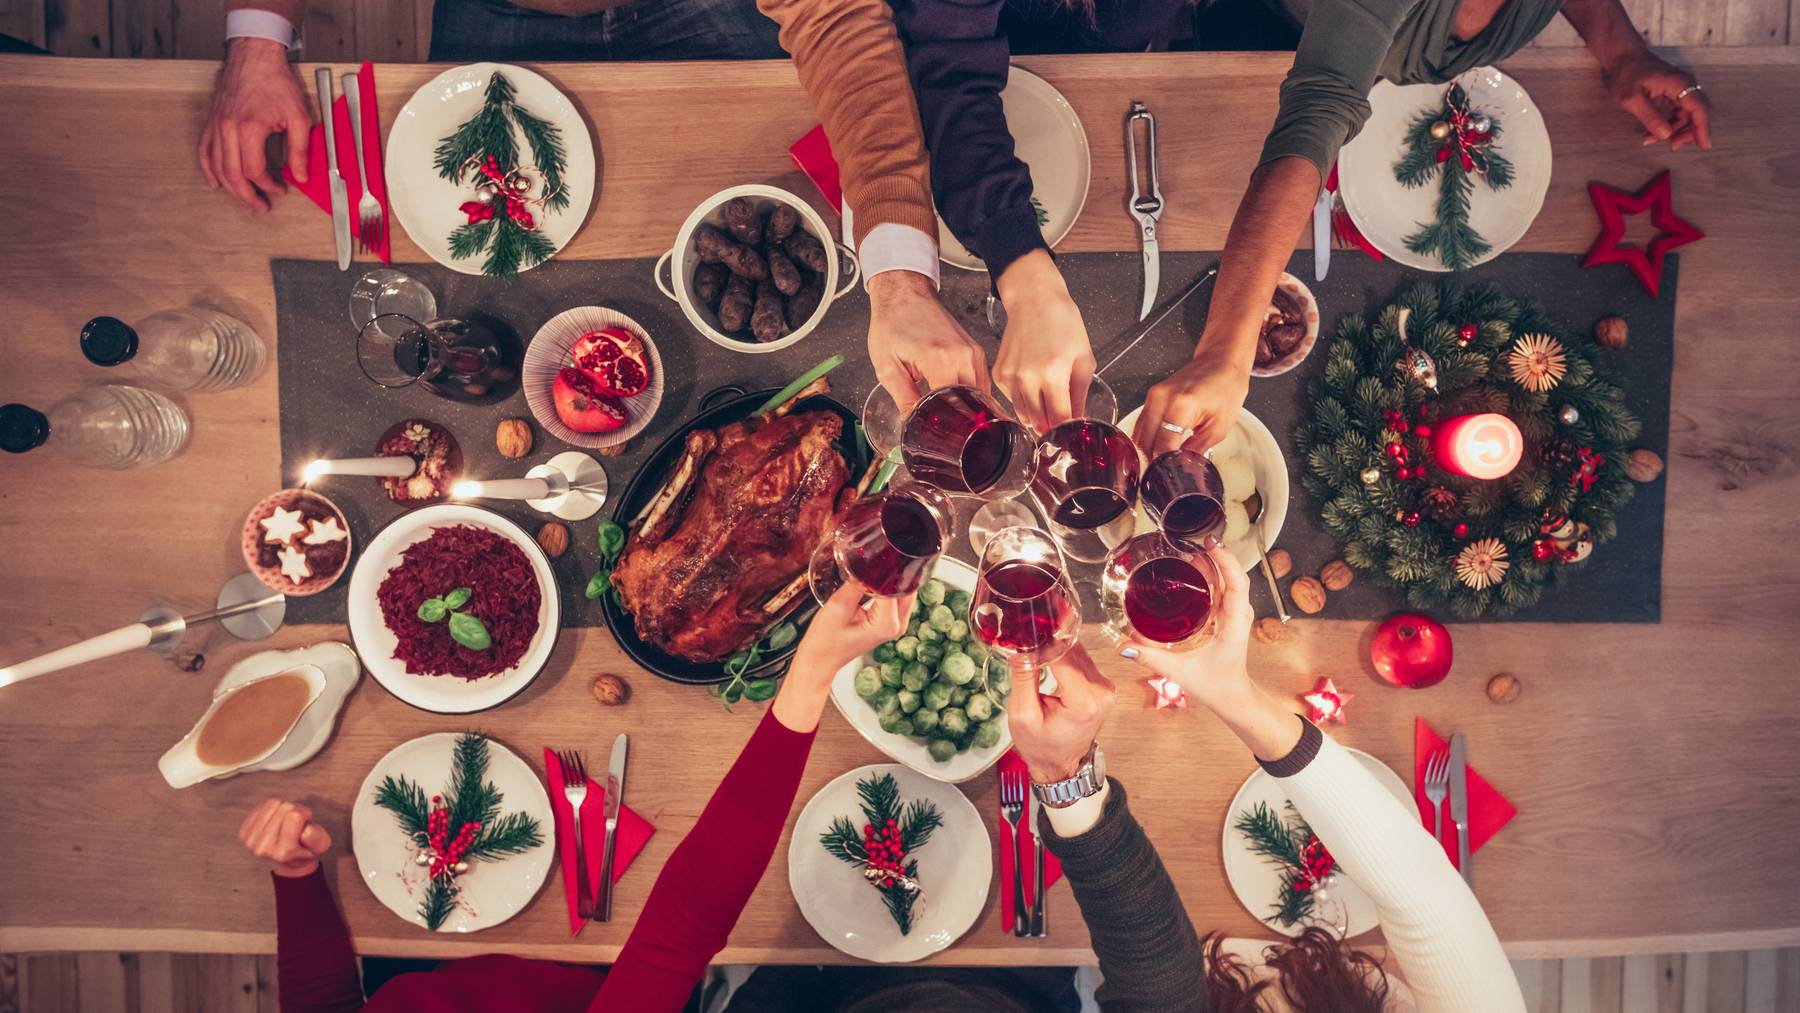 BBQ anstatt Raclette: In vielen Ländern feiert man Weihnachten ganz anders als bei uns.